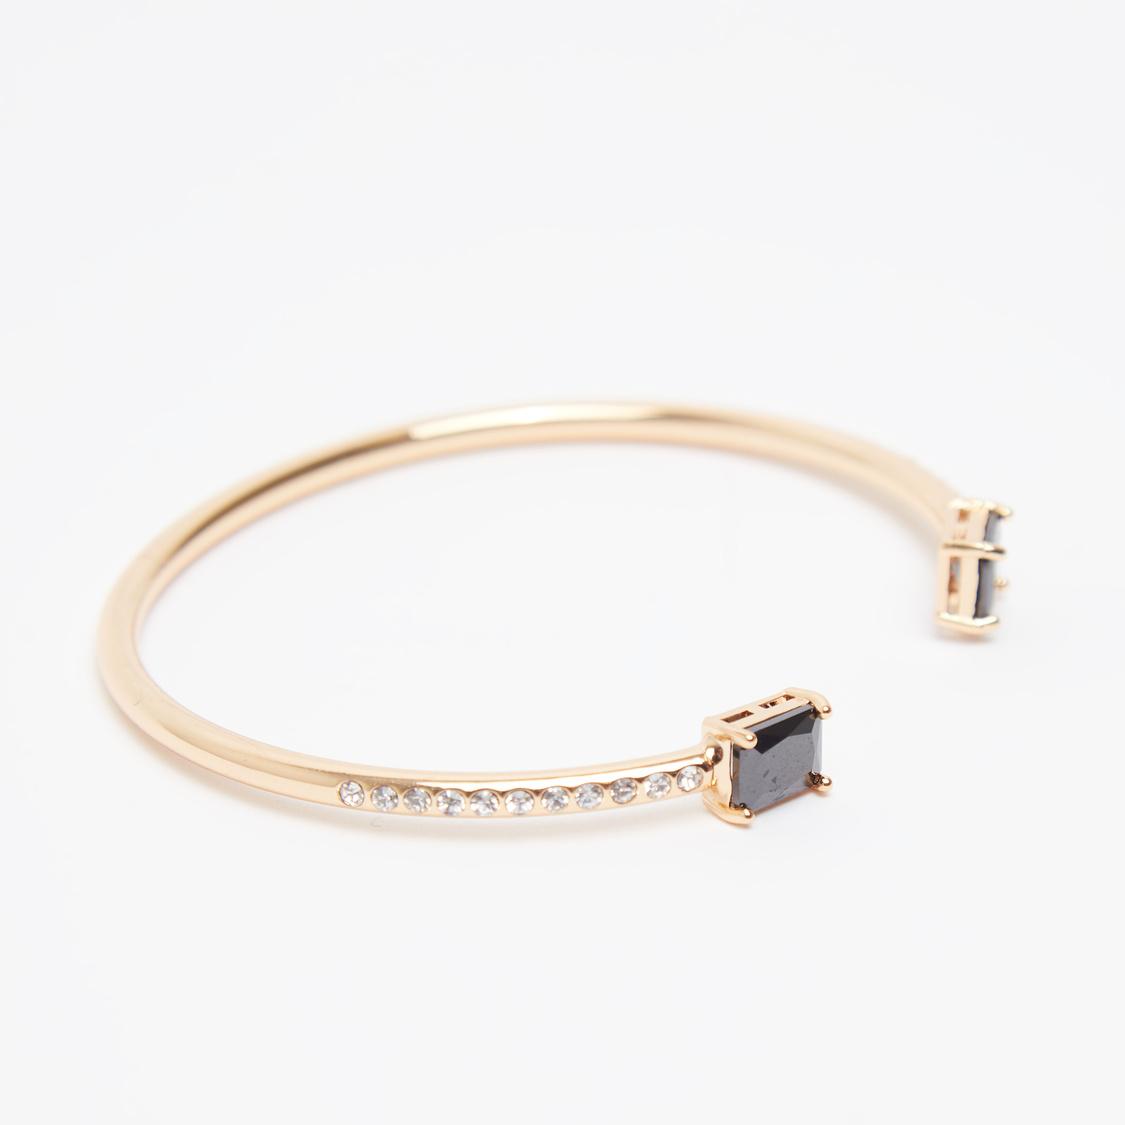 Embellished Open Cuff Bracelet